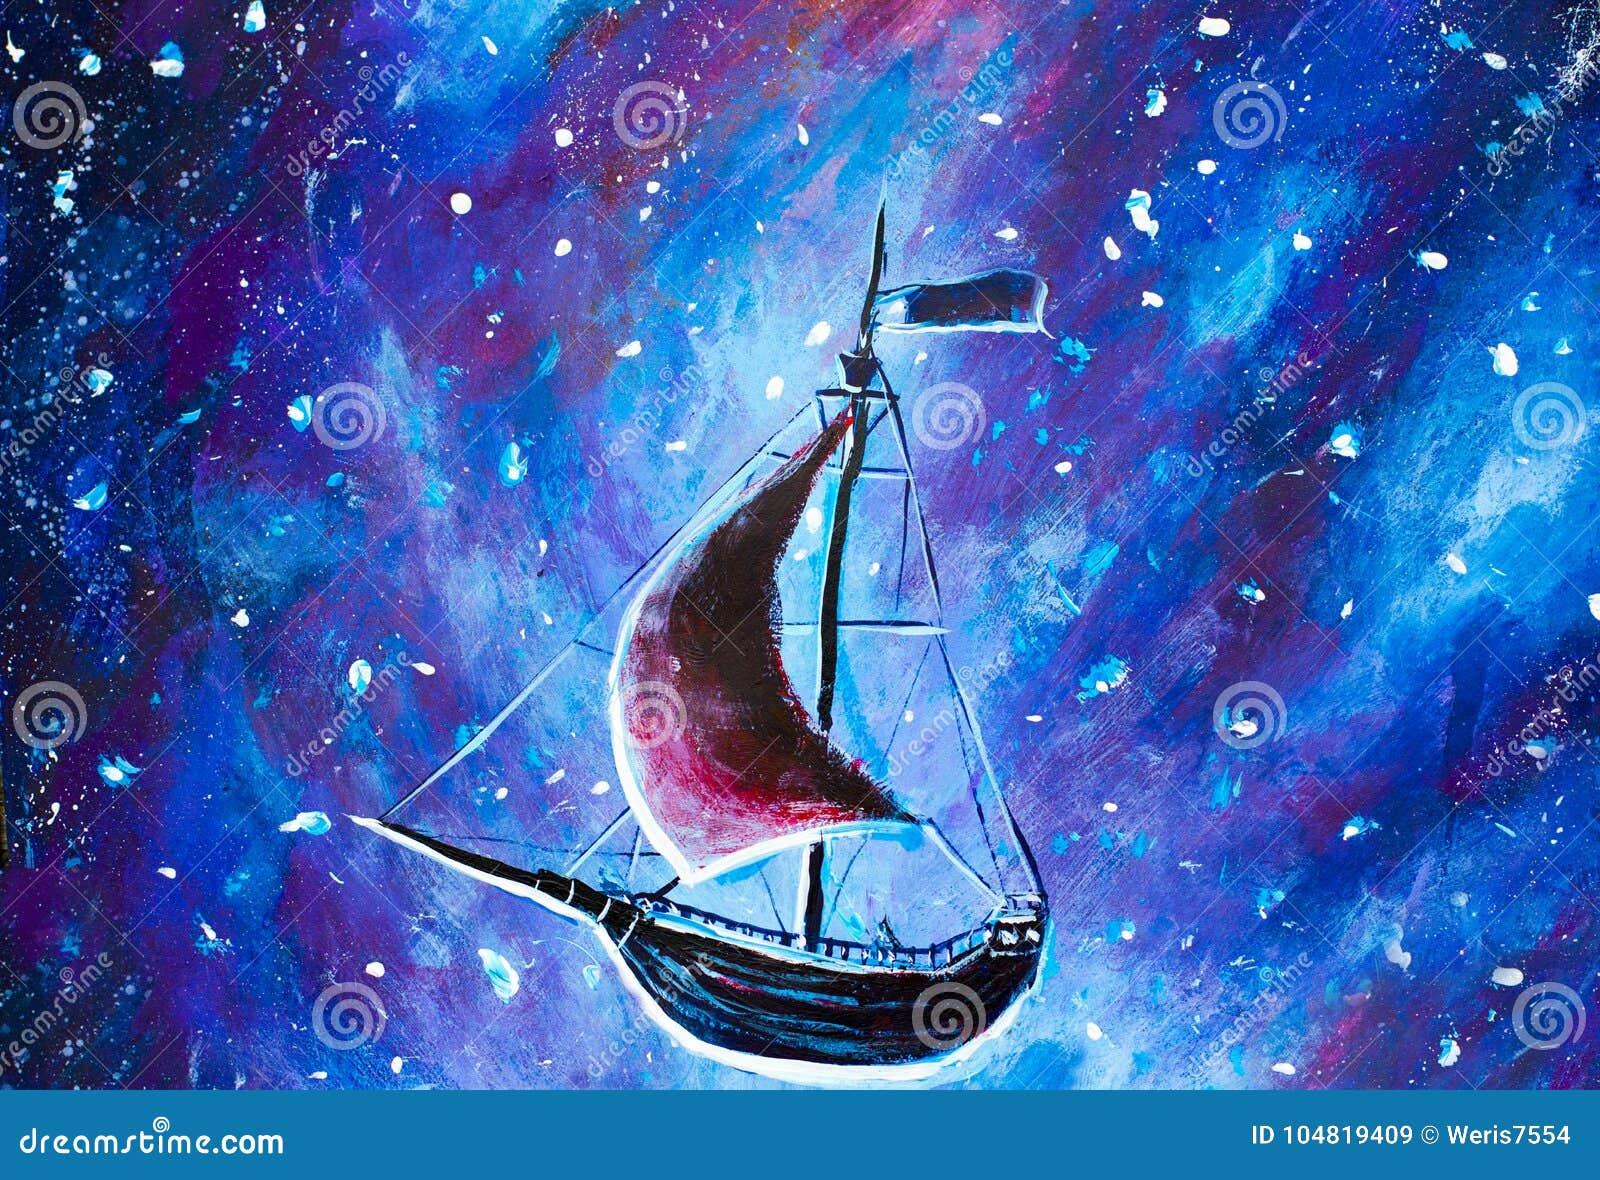 Peinture pilotant un vieux bateau de pirate Le bateau de mer vole au-dessus du ciel étoilé Un conte de fées, un rêve Peter Pan Il